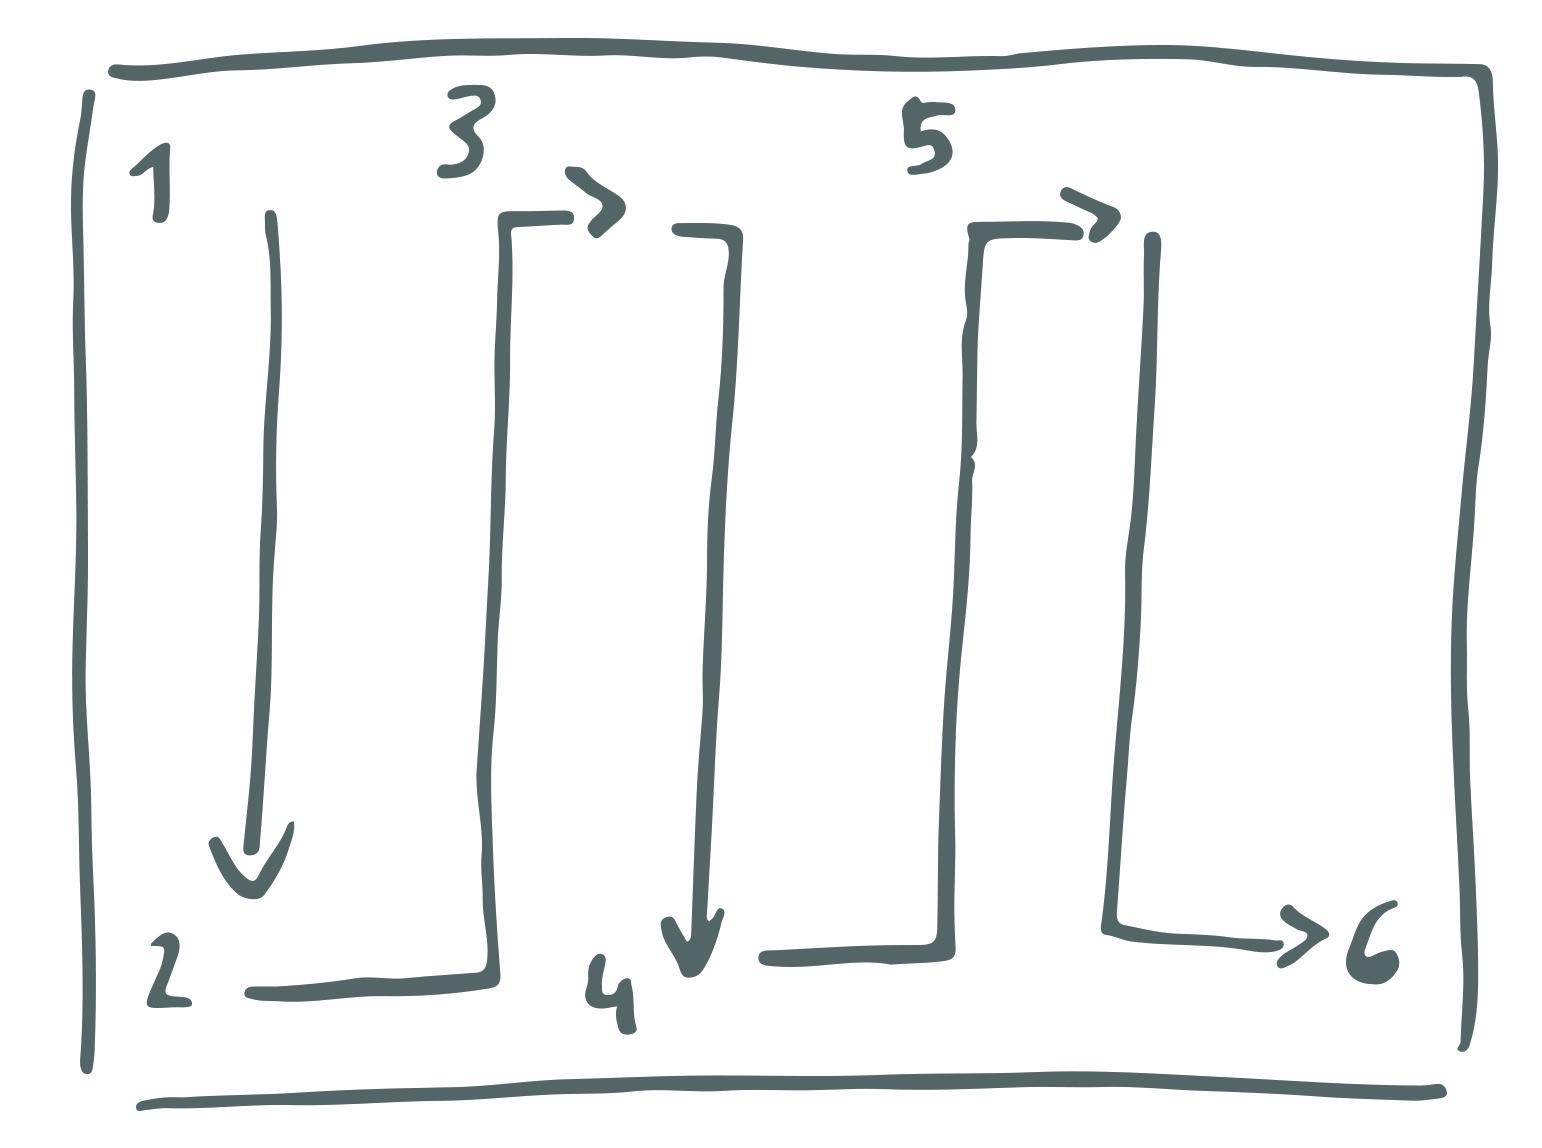 Sketchnoting_nacheinander